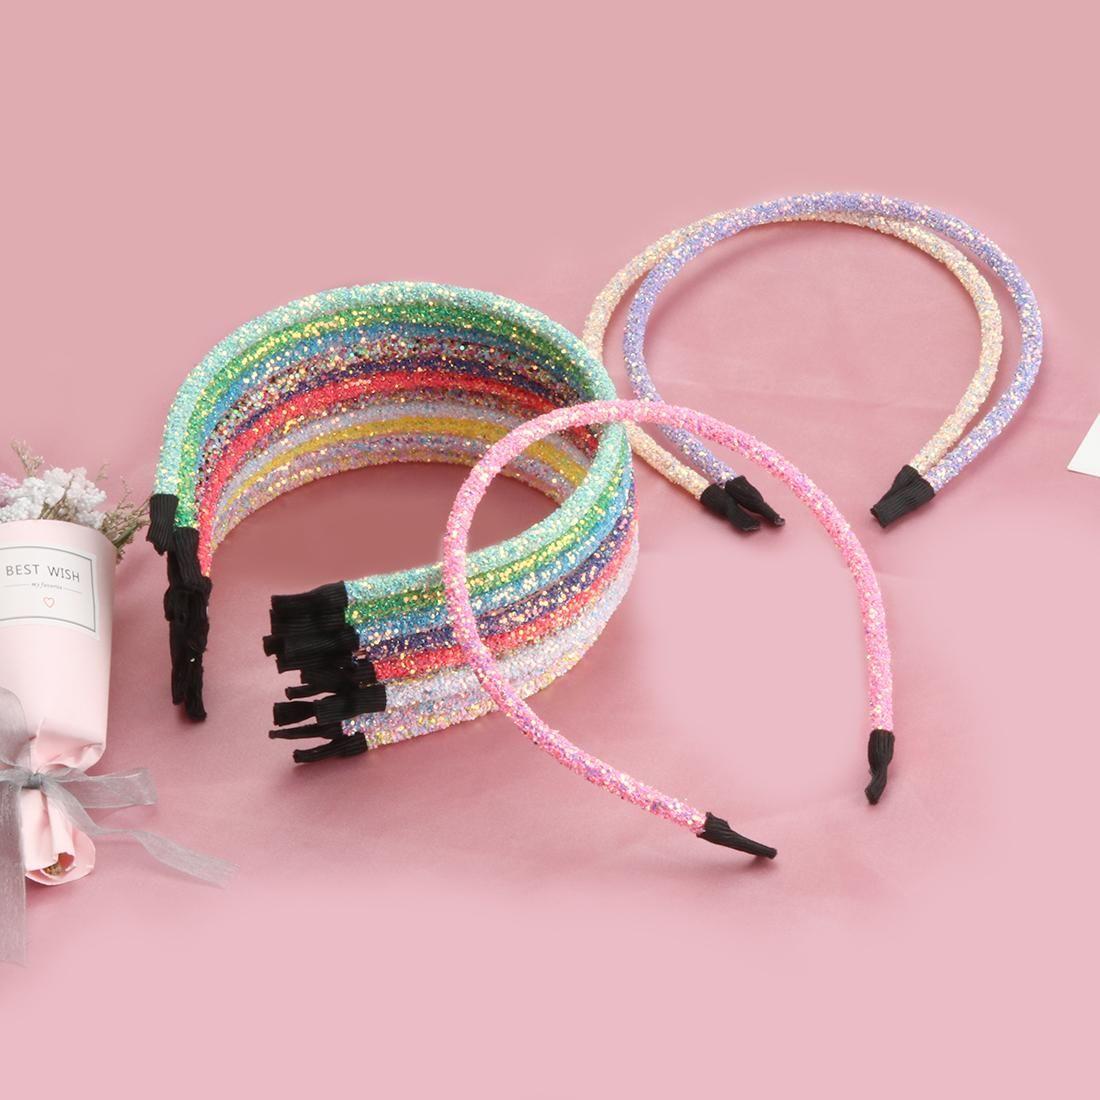 14pcs / vendas de moda de las muchachas del brillo de las lentejuelas partido de los niños Hairbands Bling Bling dulce del pelo de los niños accesorios principales del aro